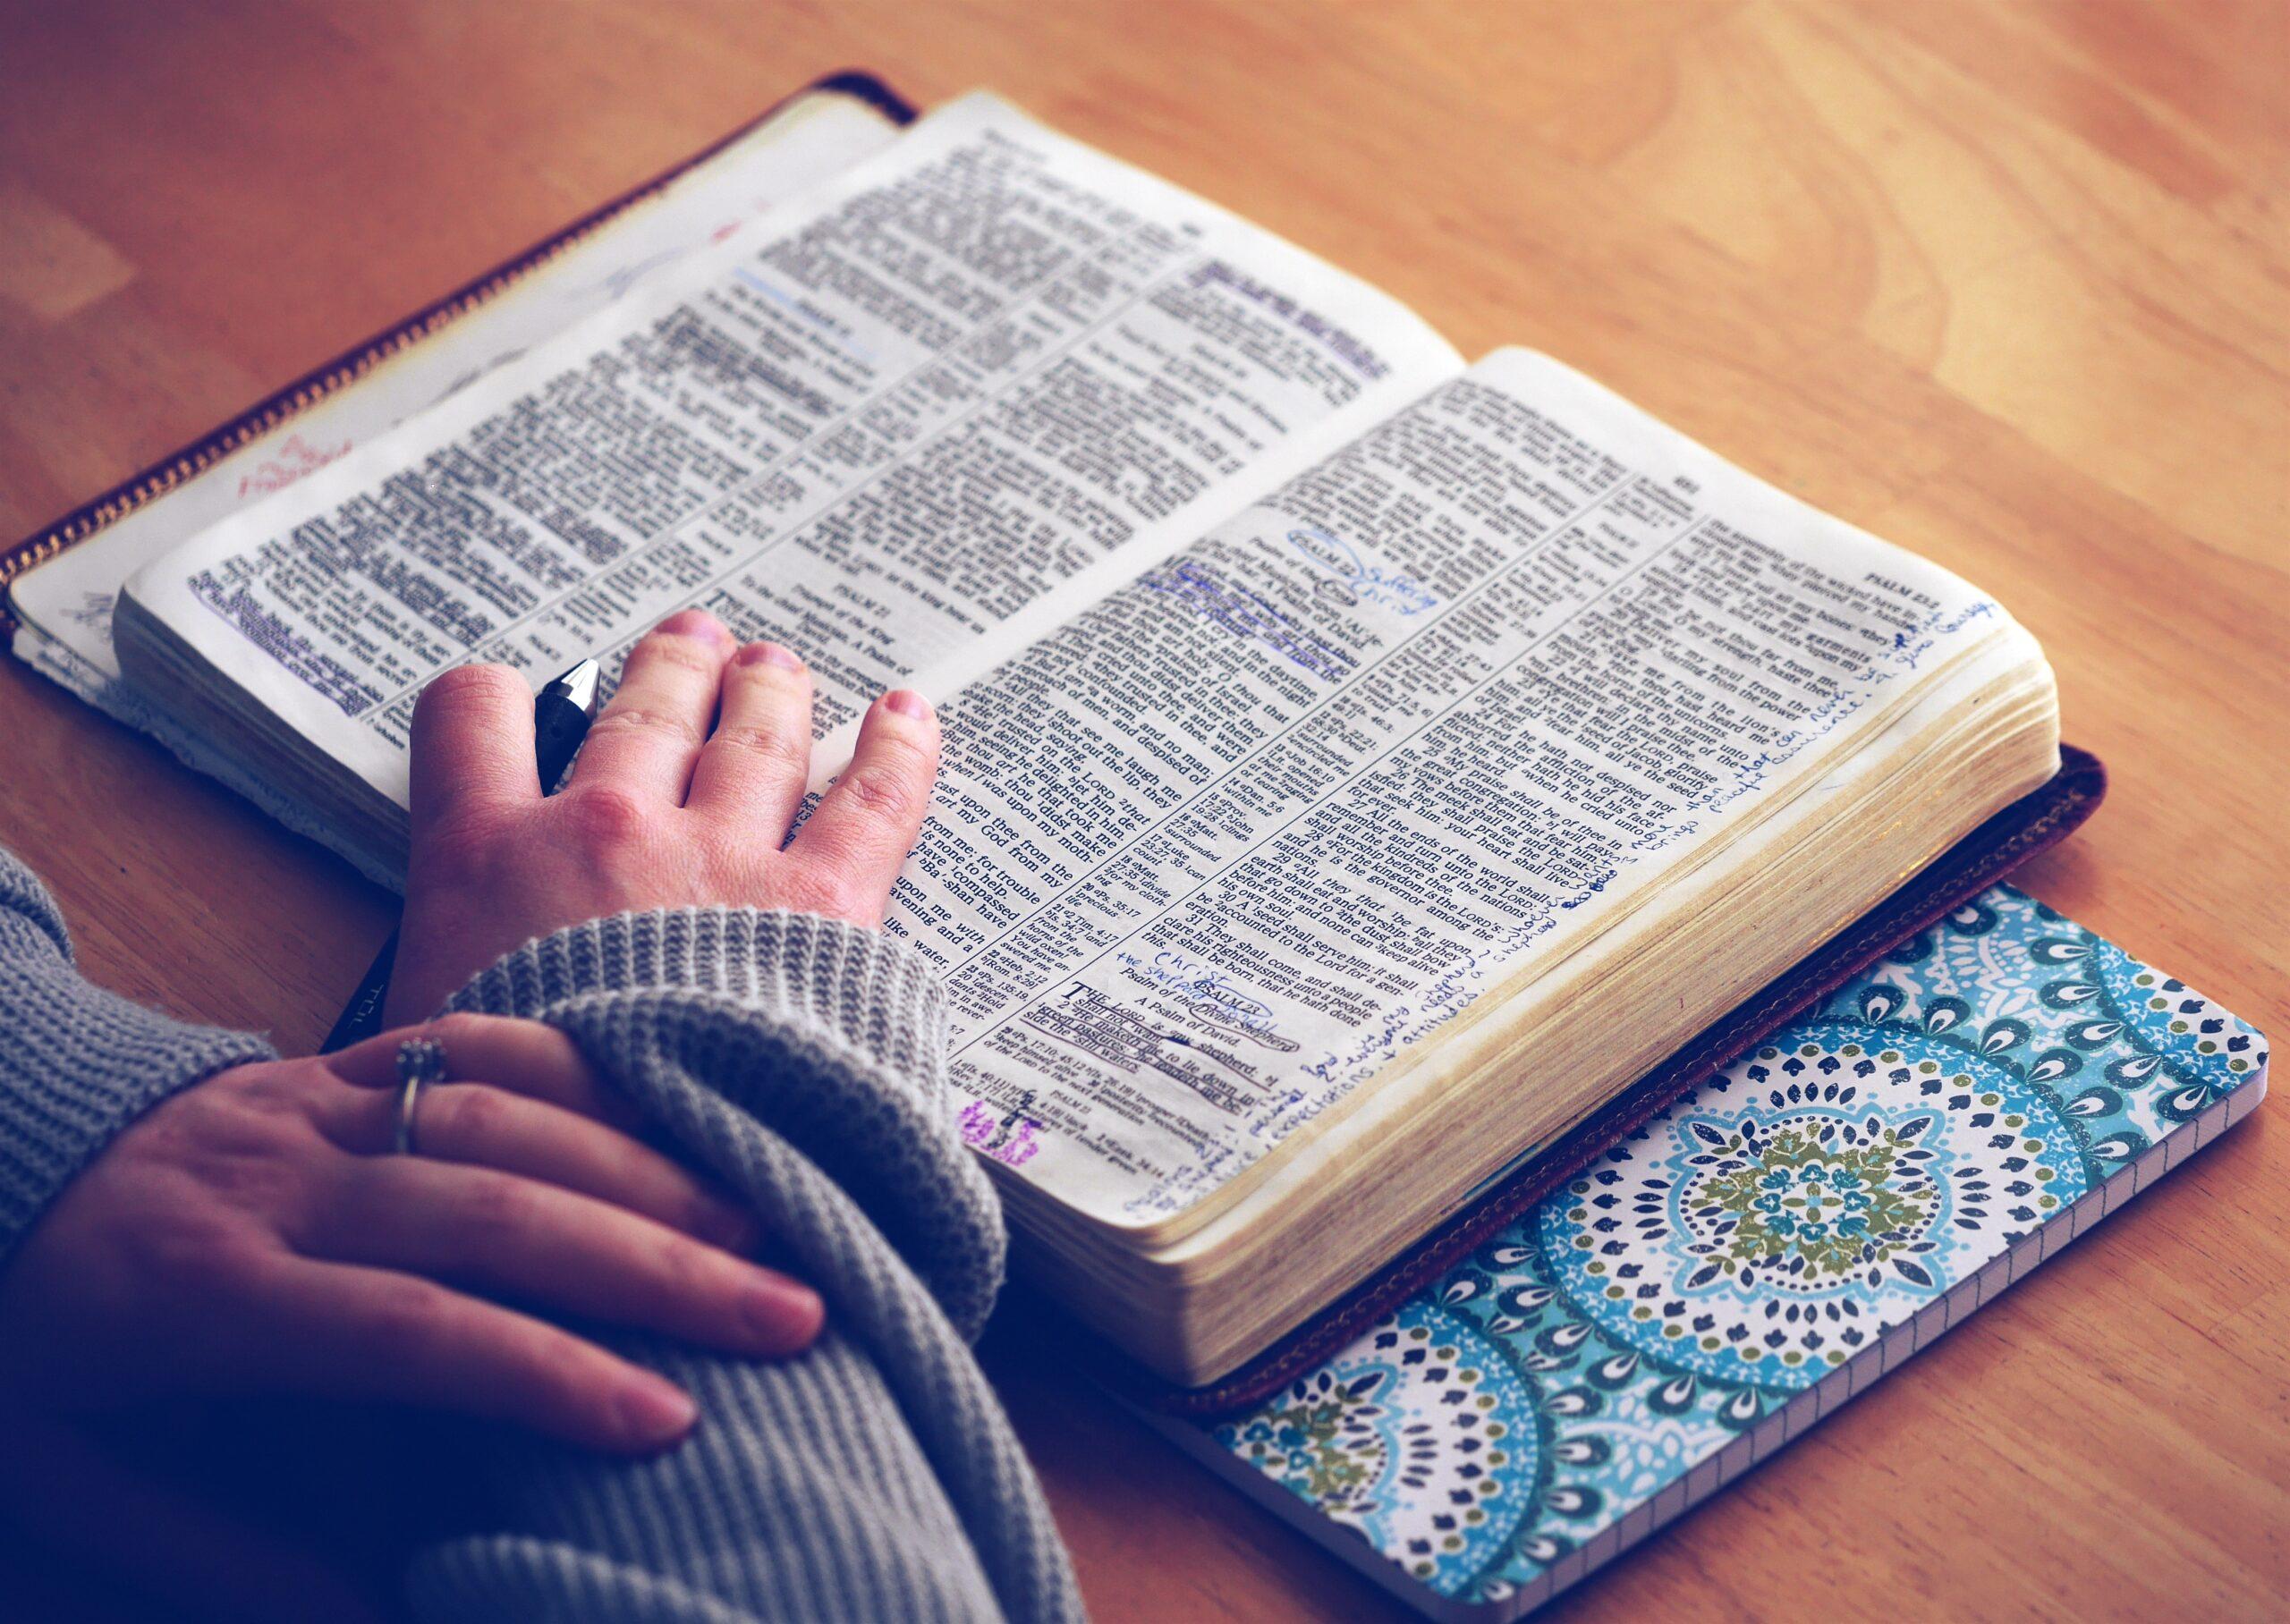 Perché smettiamo di leggere la Bibbia?